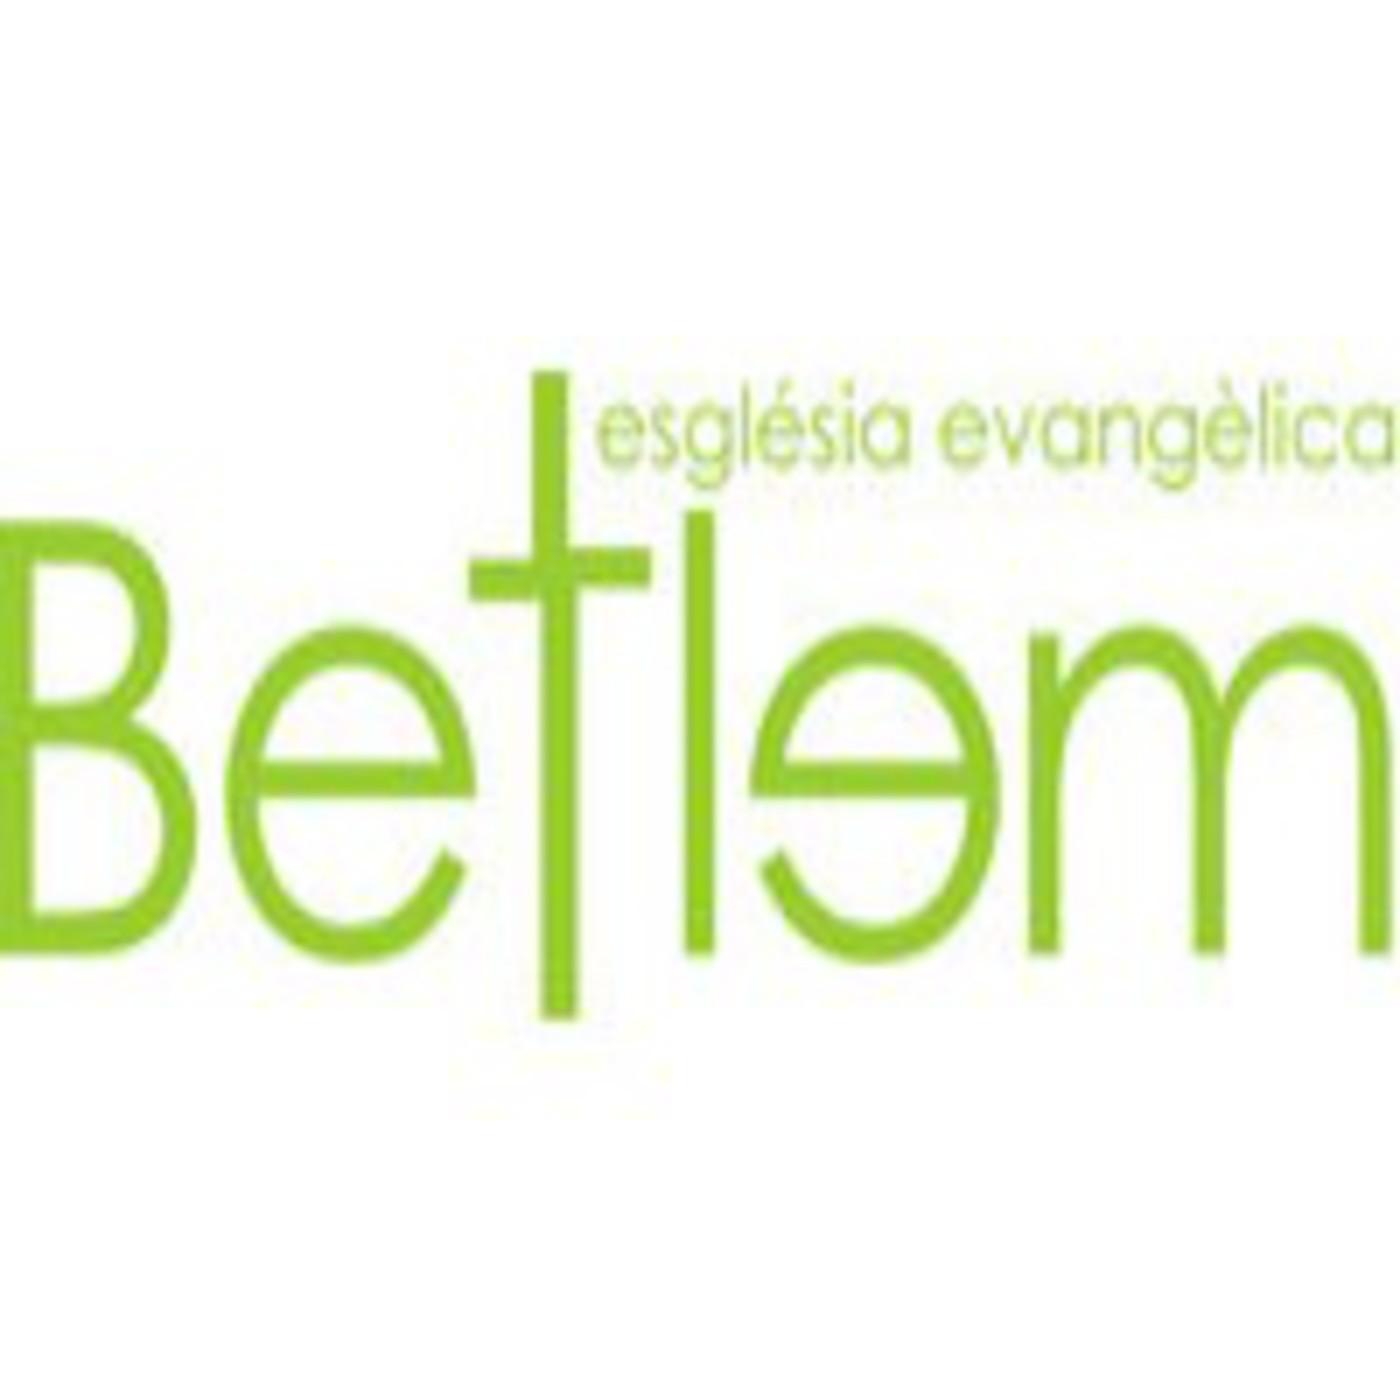 <![CDATA[Podcast Església Evangèlica de Betlem]]>